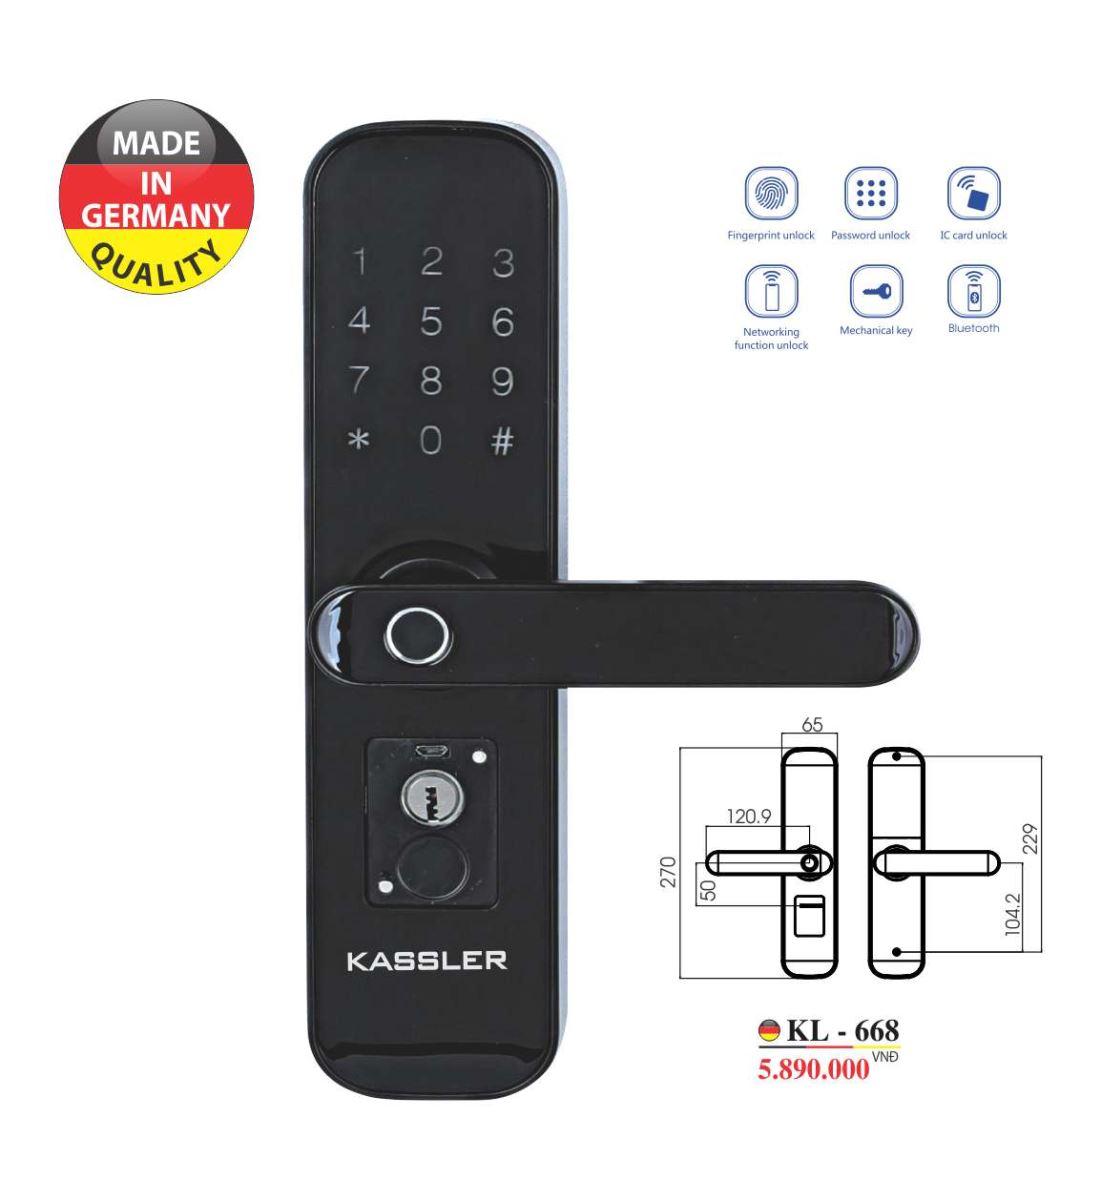 Khóa vân tay Kassler KL-668 - Mở khóa bằng app điện thoại